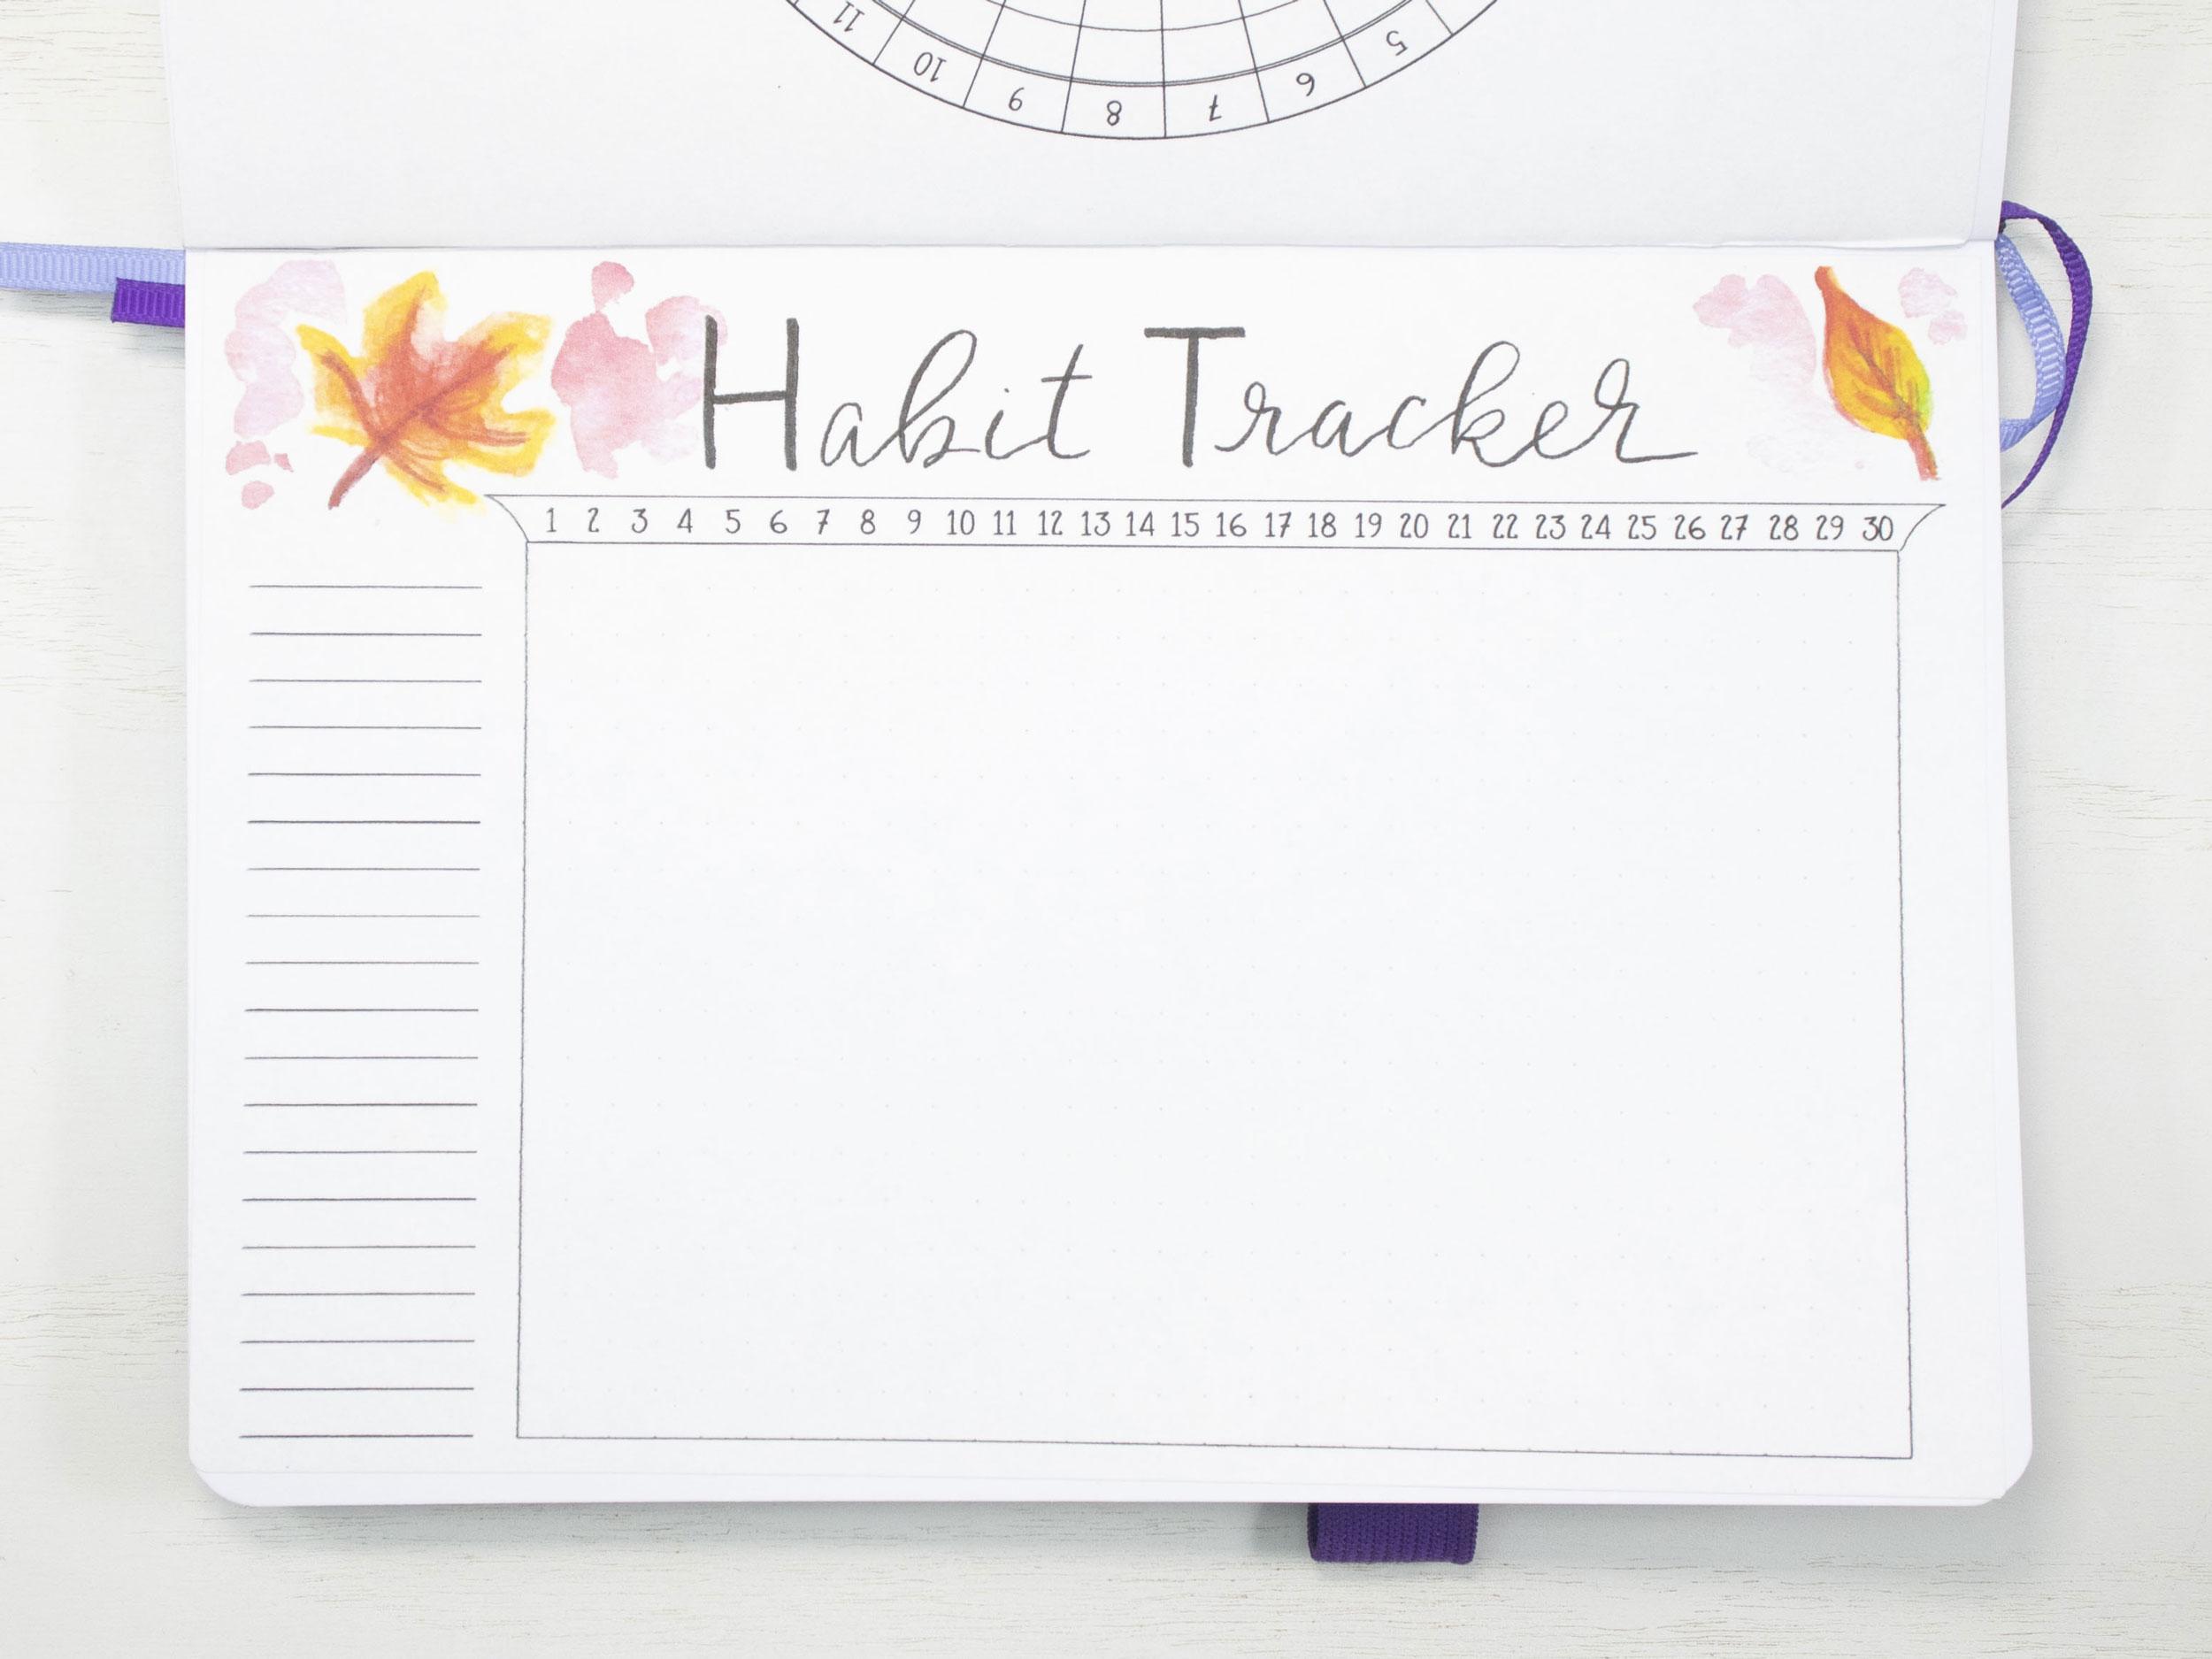 November 2020 Bullet Journal Habit Tracker